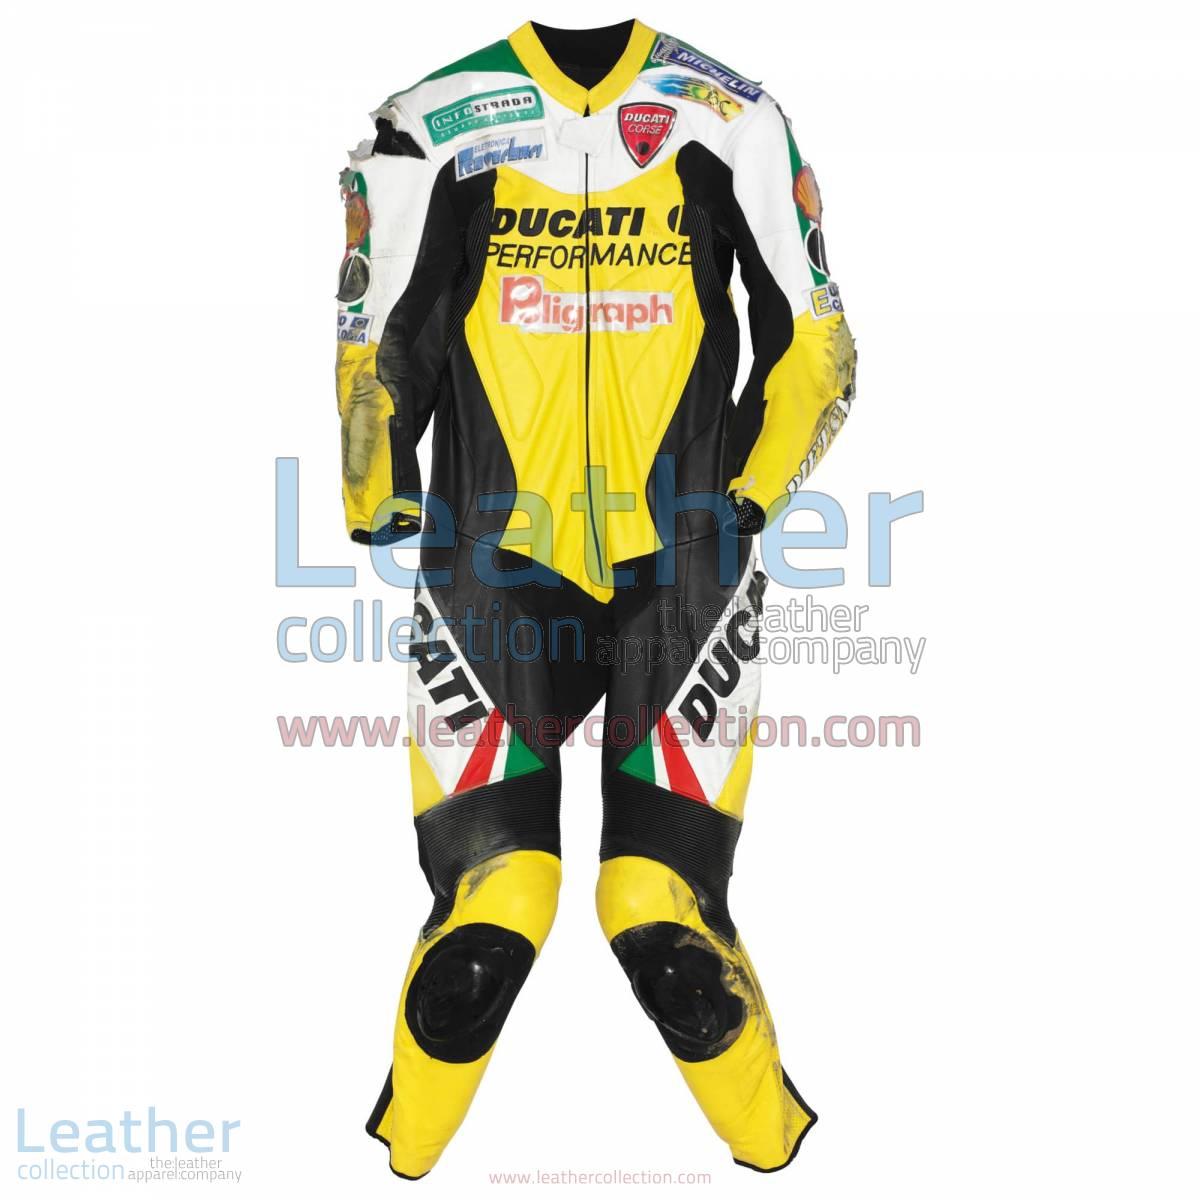 Paolo Casoli Ducati AMA Supersport 1999 Suit | ducati suit